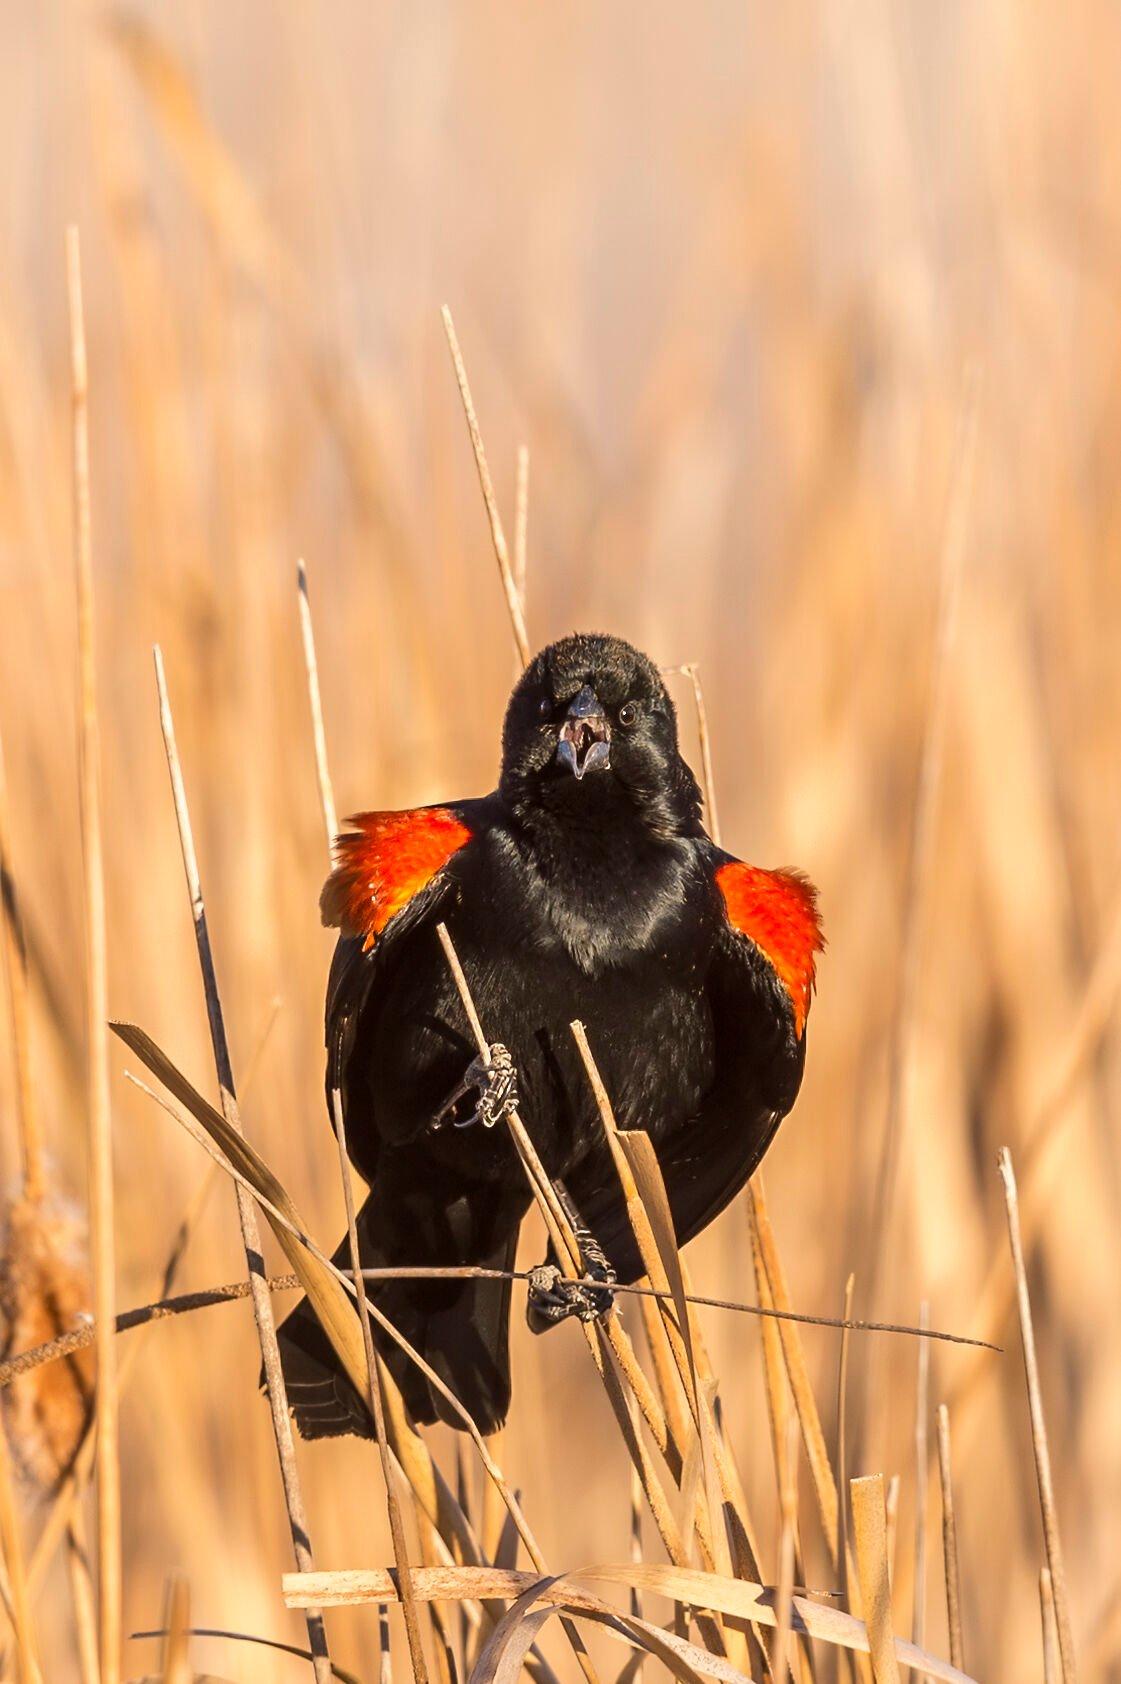 Red-winged_blackbird_singing_Equalizer_Lake_2018_1